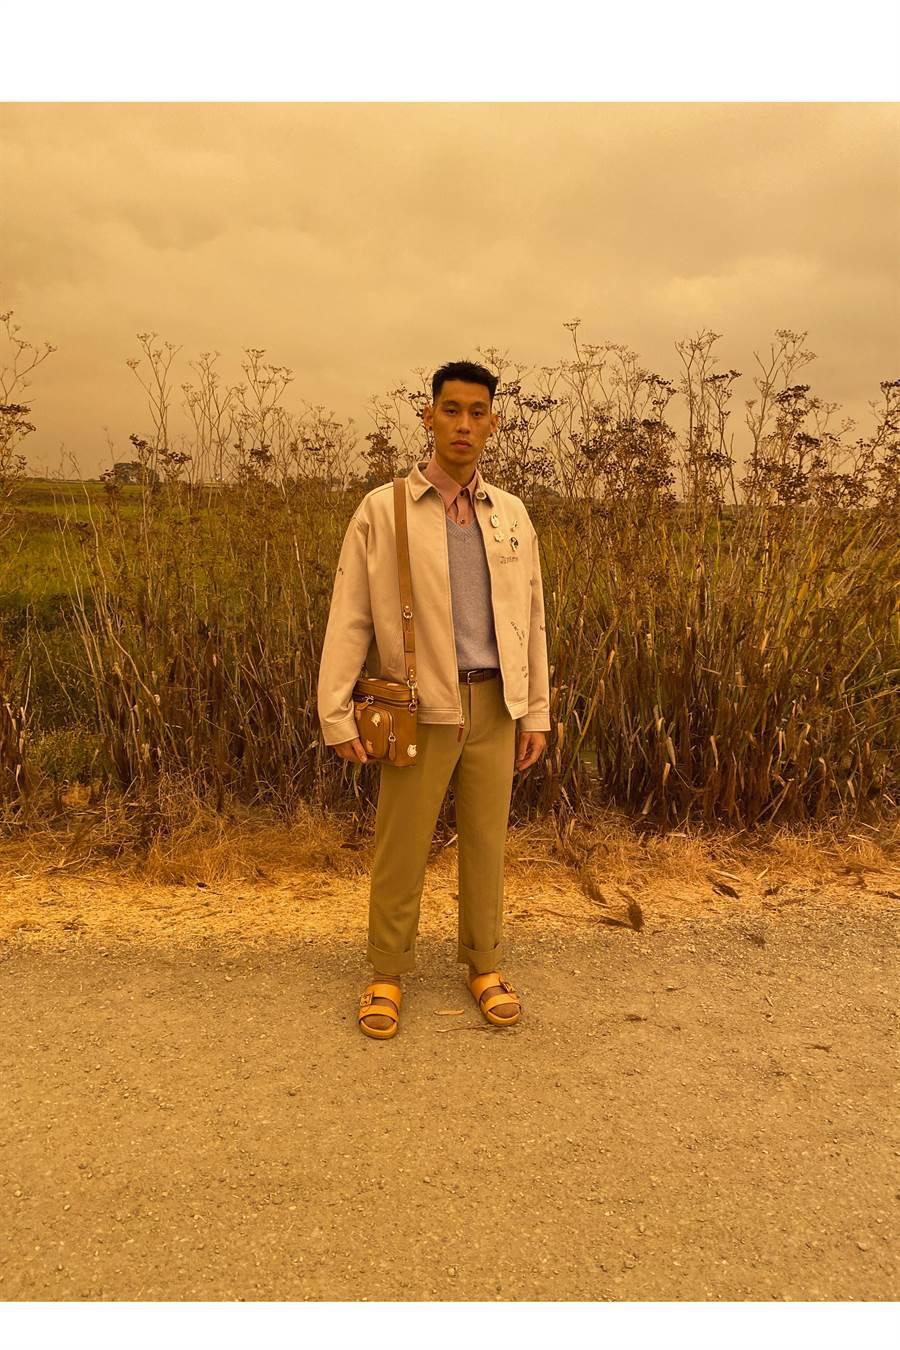 美國精品品牌Coach今年5月才驚喜宣布「台灣之光」林書豪(Jeremy Lin)成為品牌年度男士代言人!(圖/品牌提供)